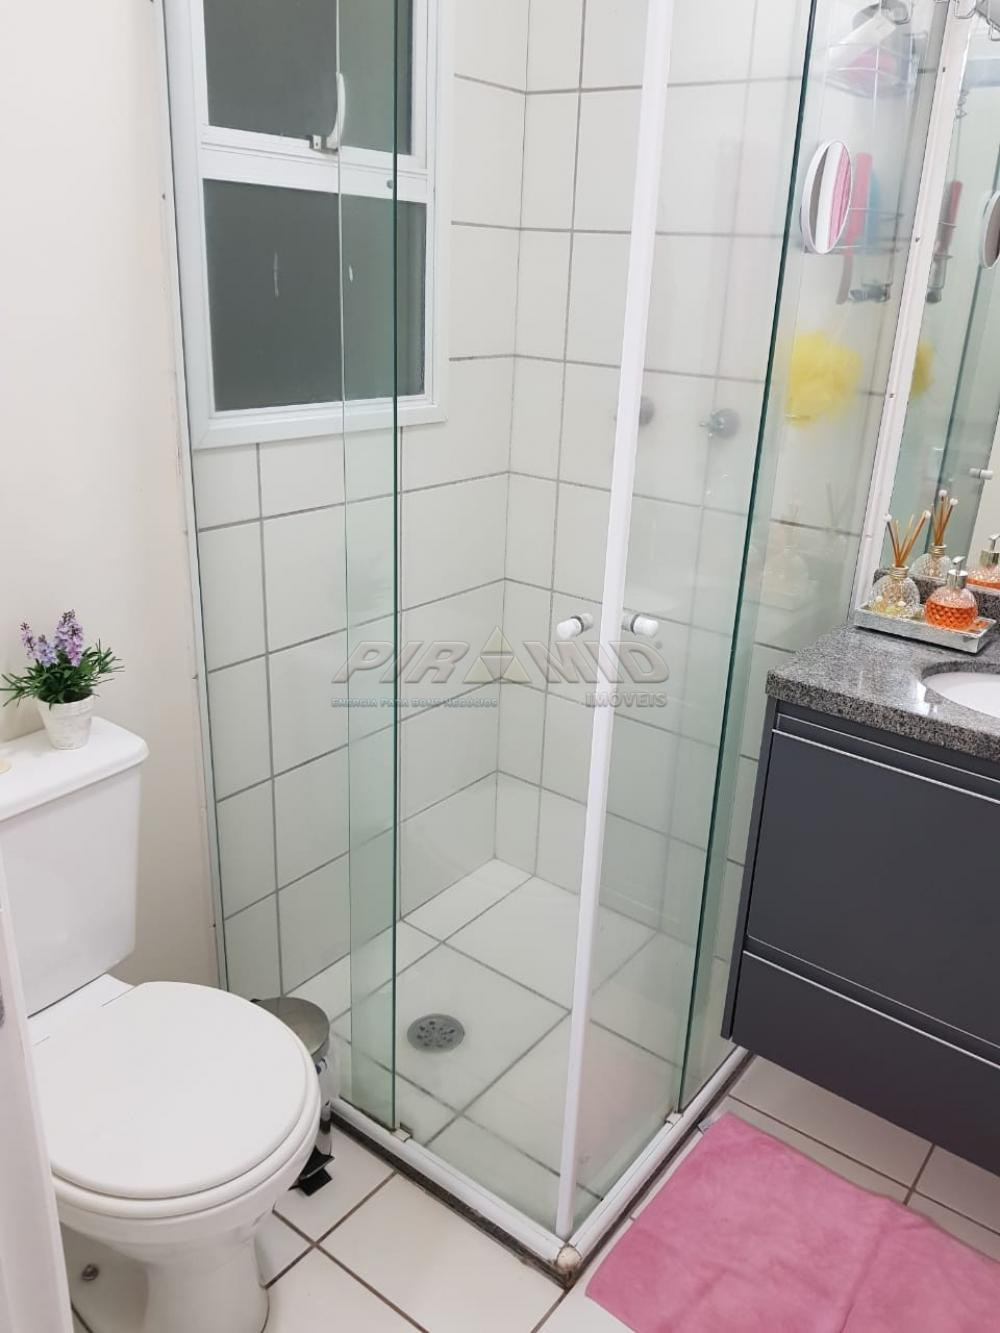 Comprar Apartamento / Padrão em Ribeirão Preto apenas R$ 265.000,00 - Foto 7